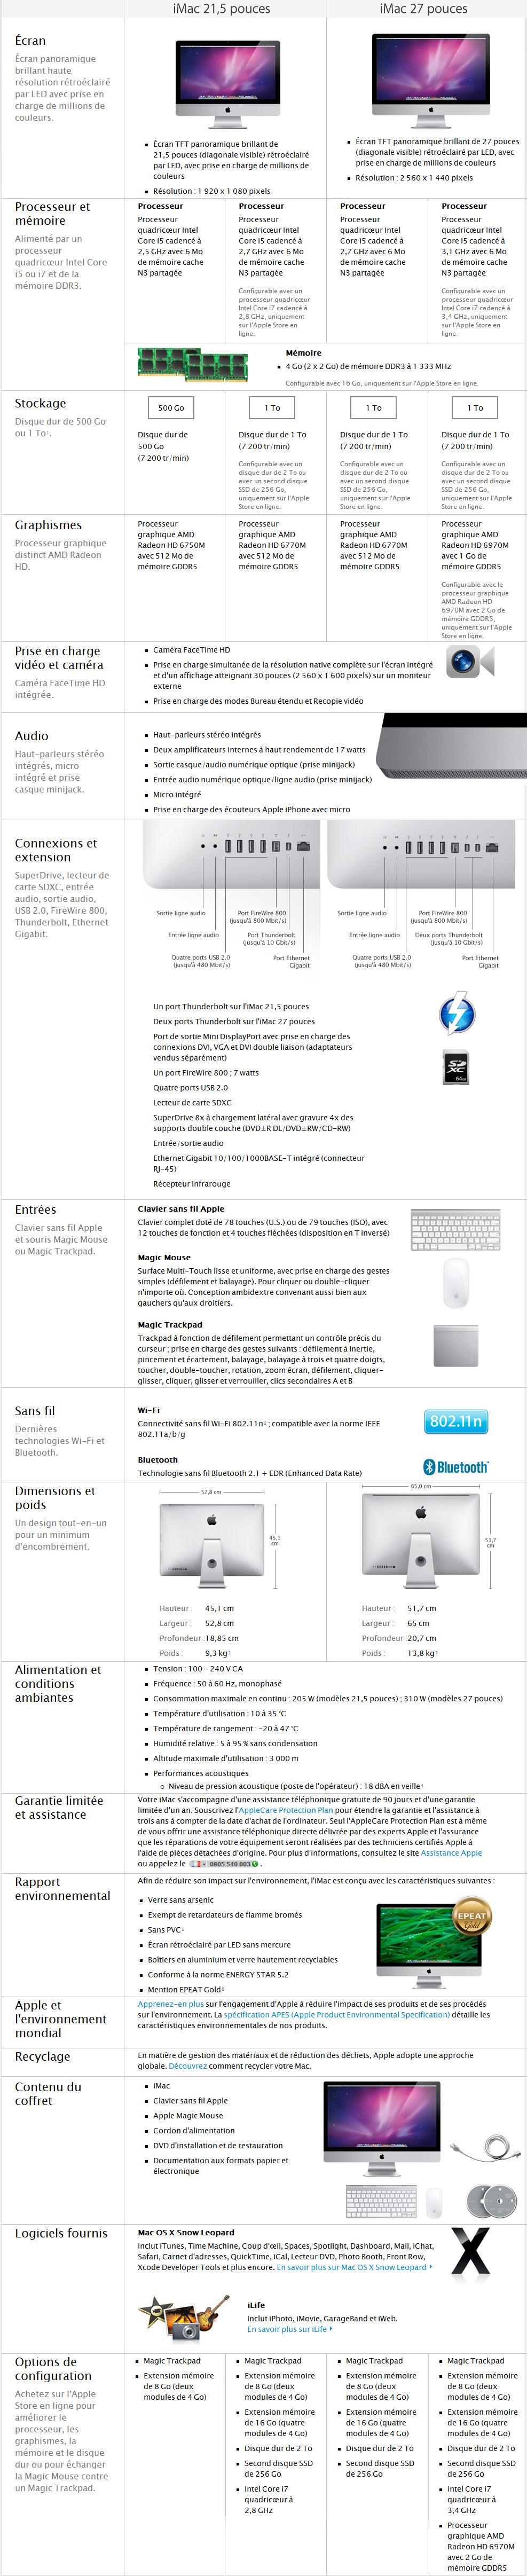 Caractéristiques techniques des nouveaux iMac